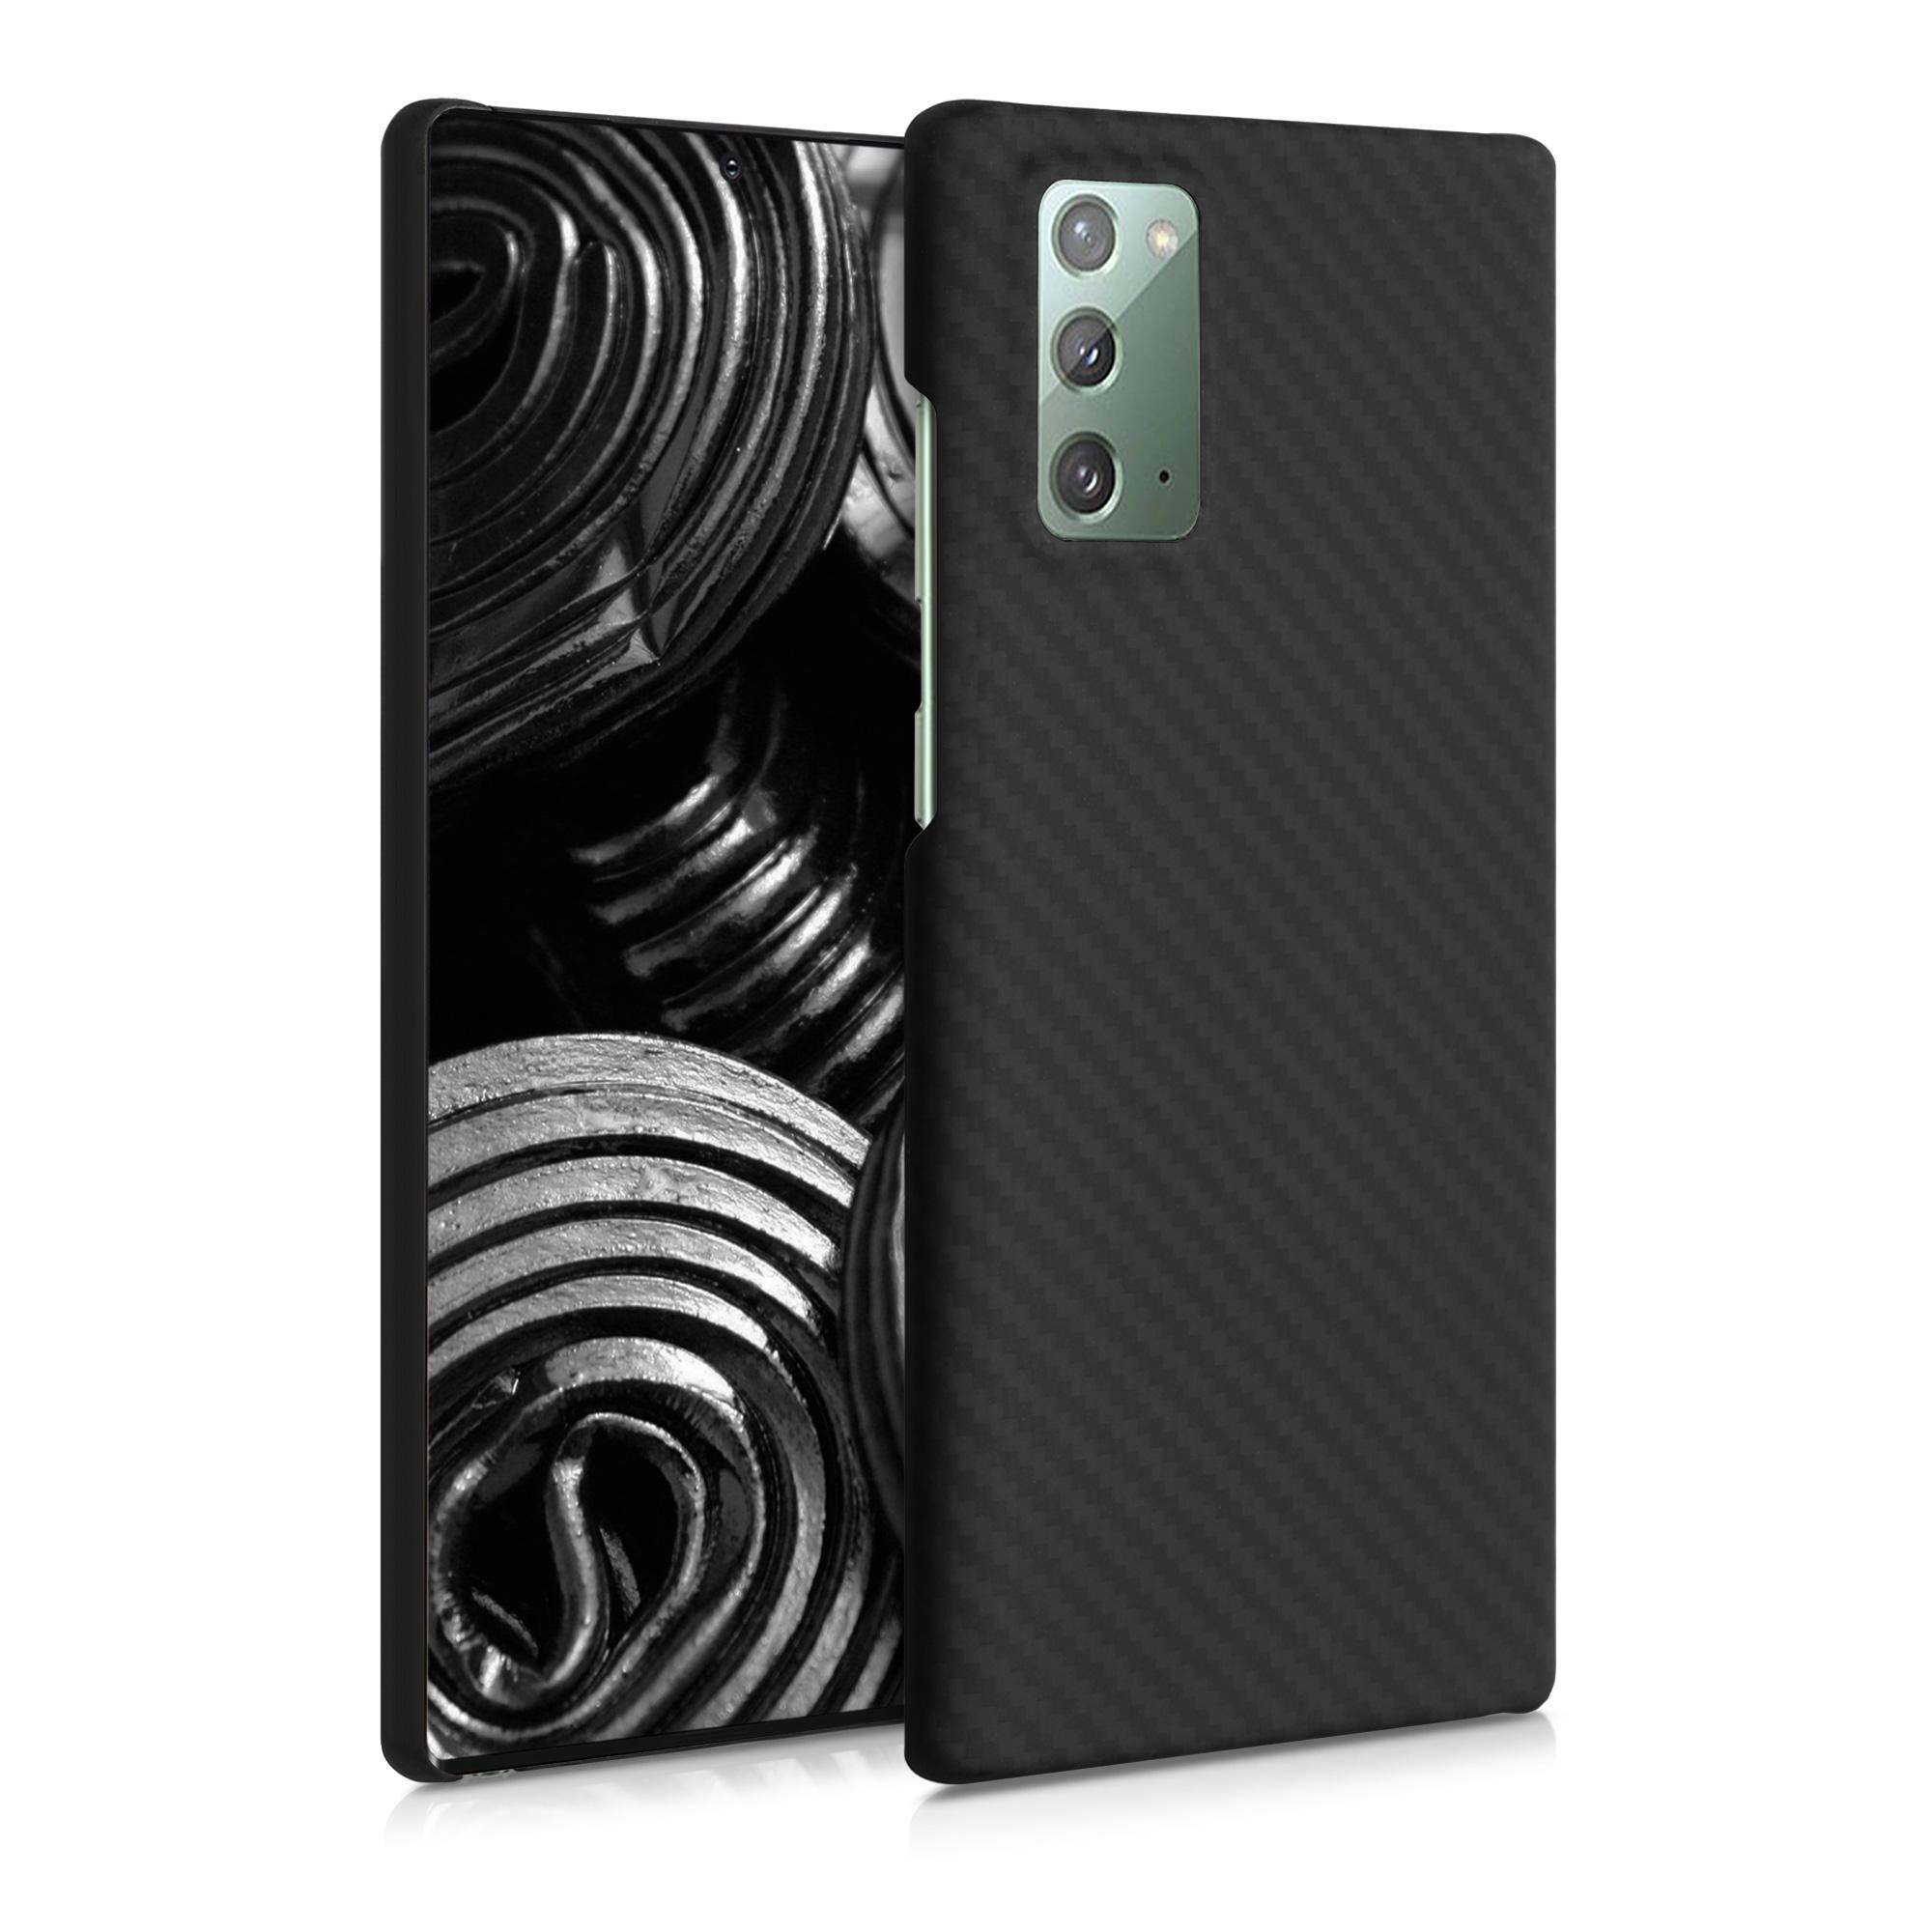 Aramidpouzdro pro Samsung Note 20 - černé matné